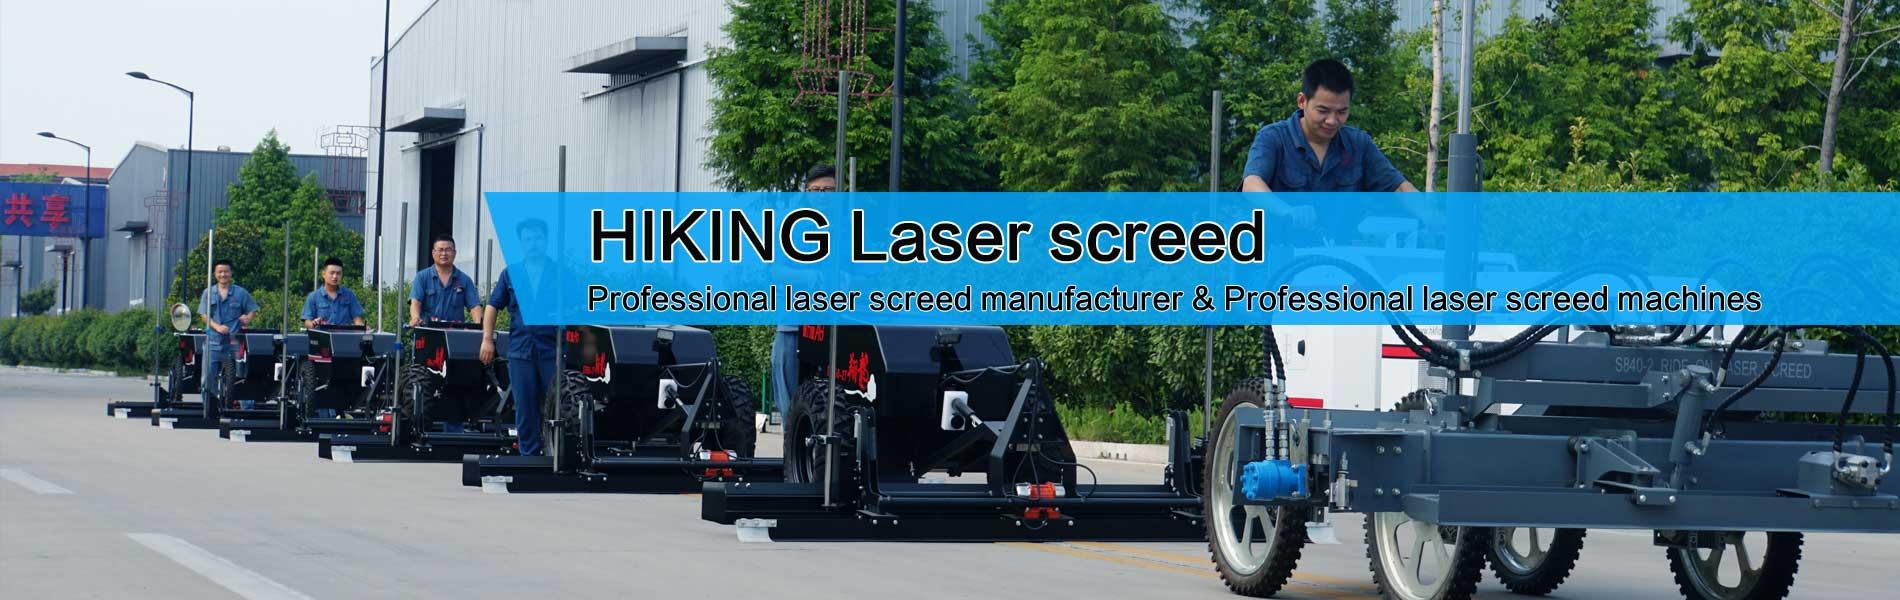 HIKING-Laser-screed